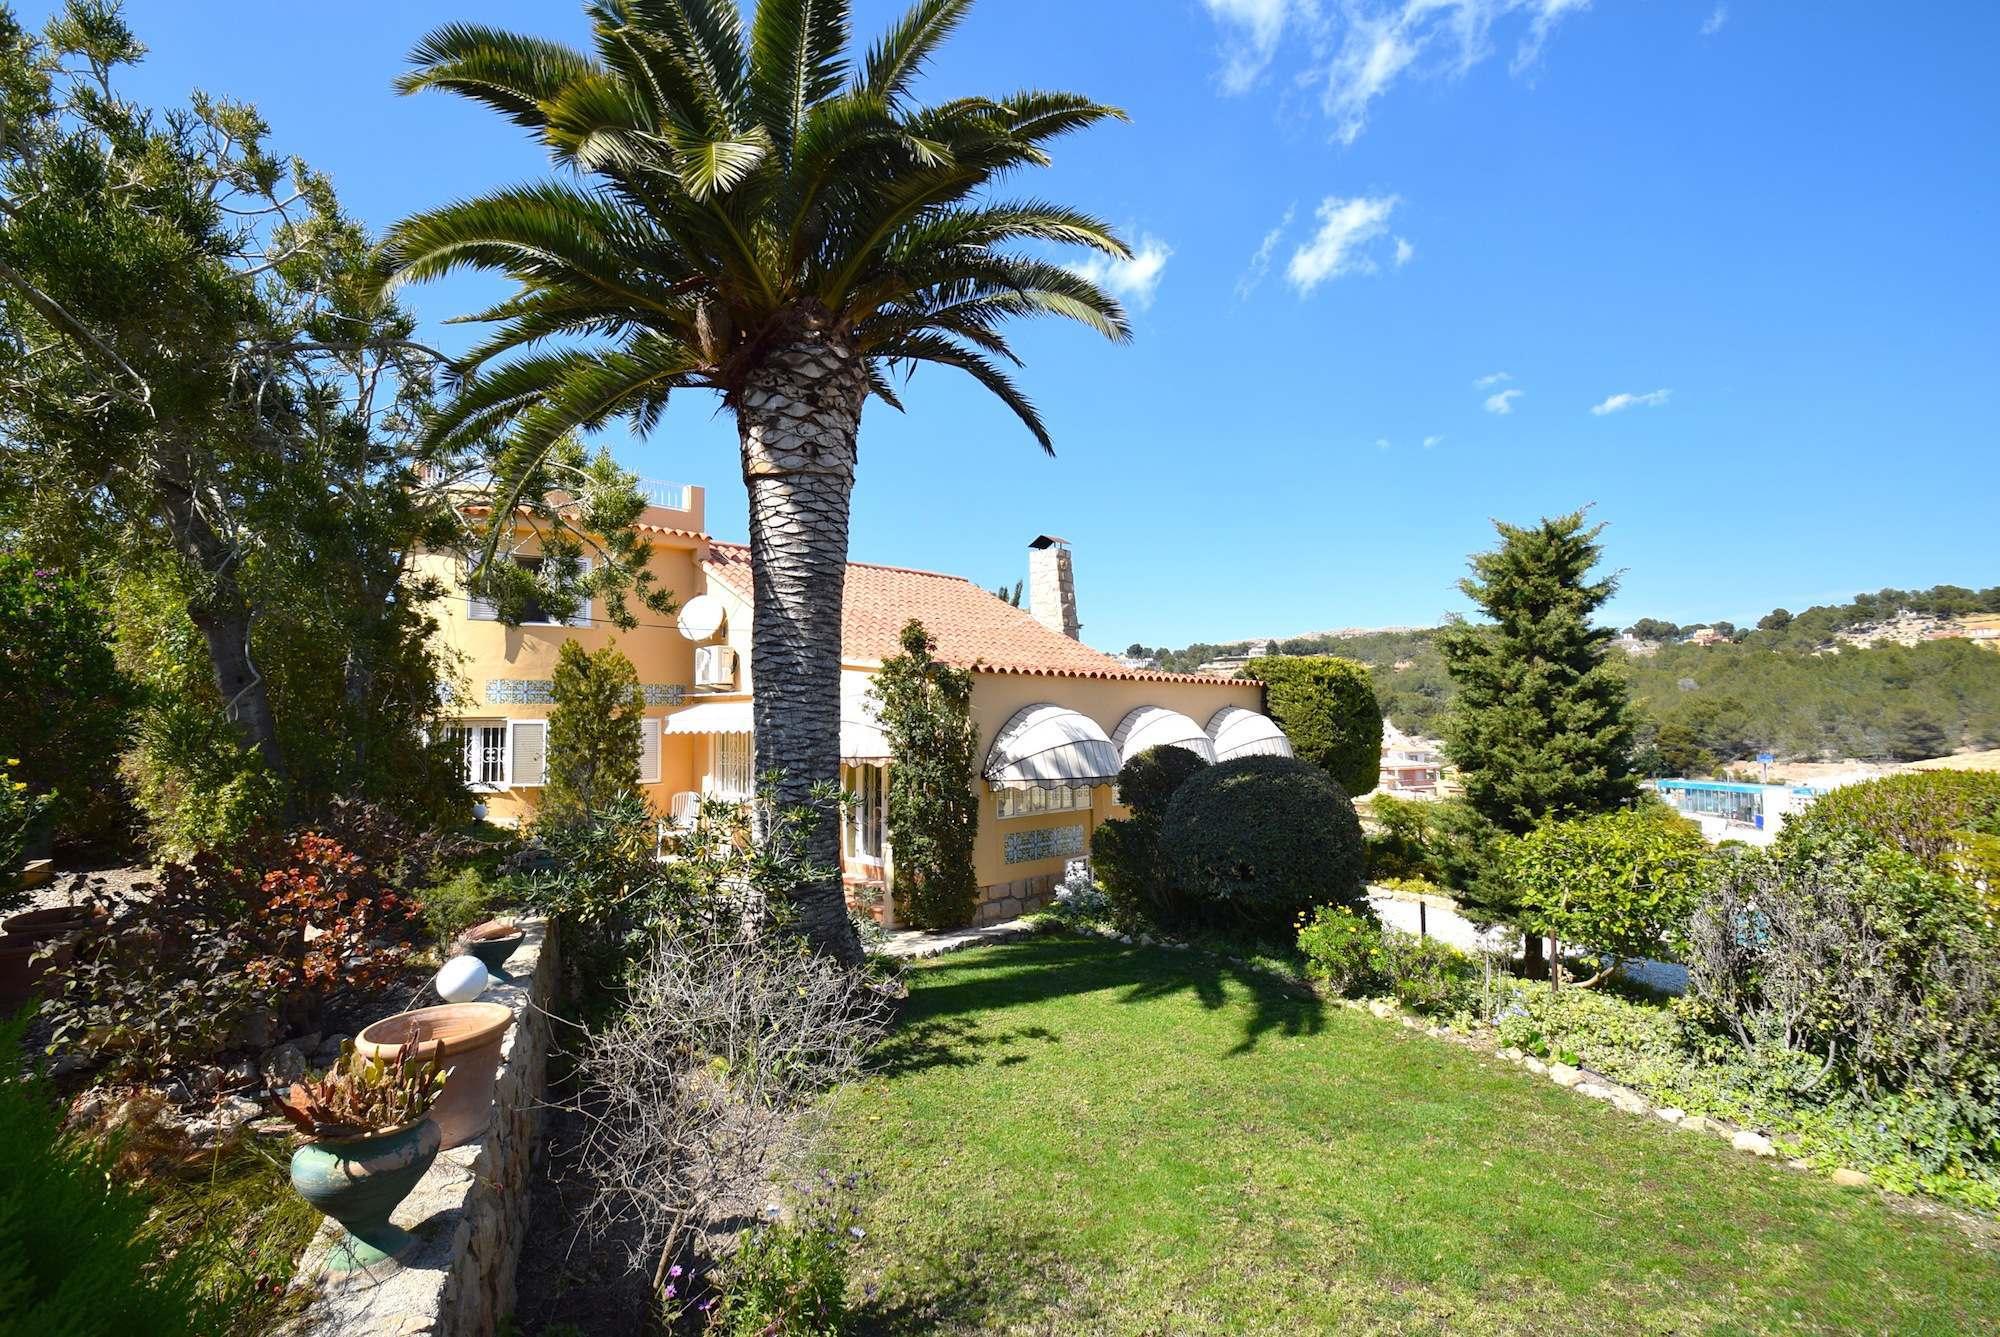 Chalet   Villa en venta en Alfas del Pi, en perfecto estado